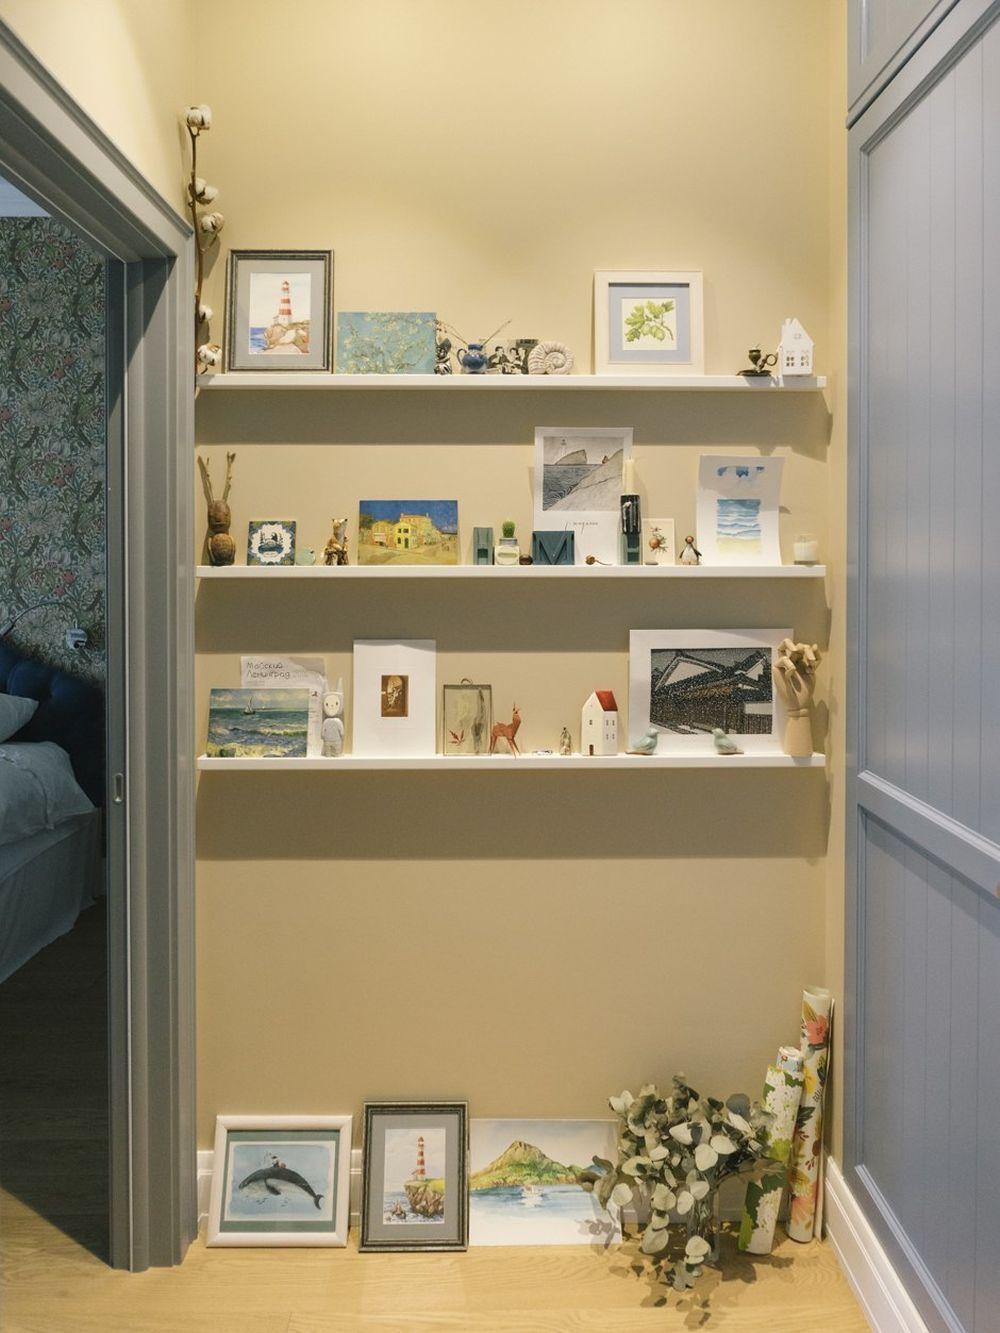 adelaparvu.com despre apartament 2 camere, 72 mp, Rusia, design Zi Design, Foto Polina Rukavichkina (6)